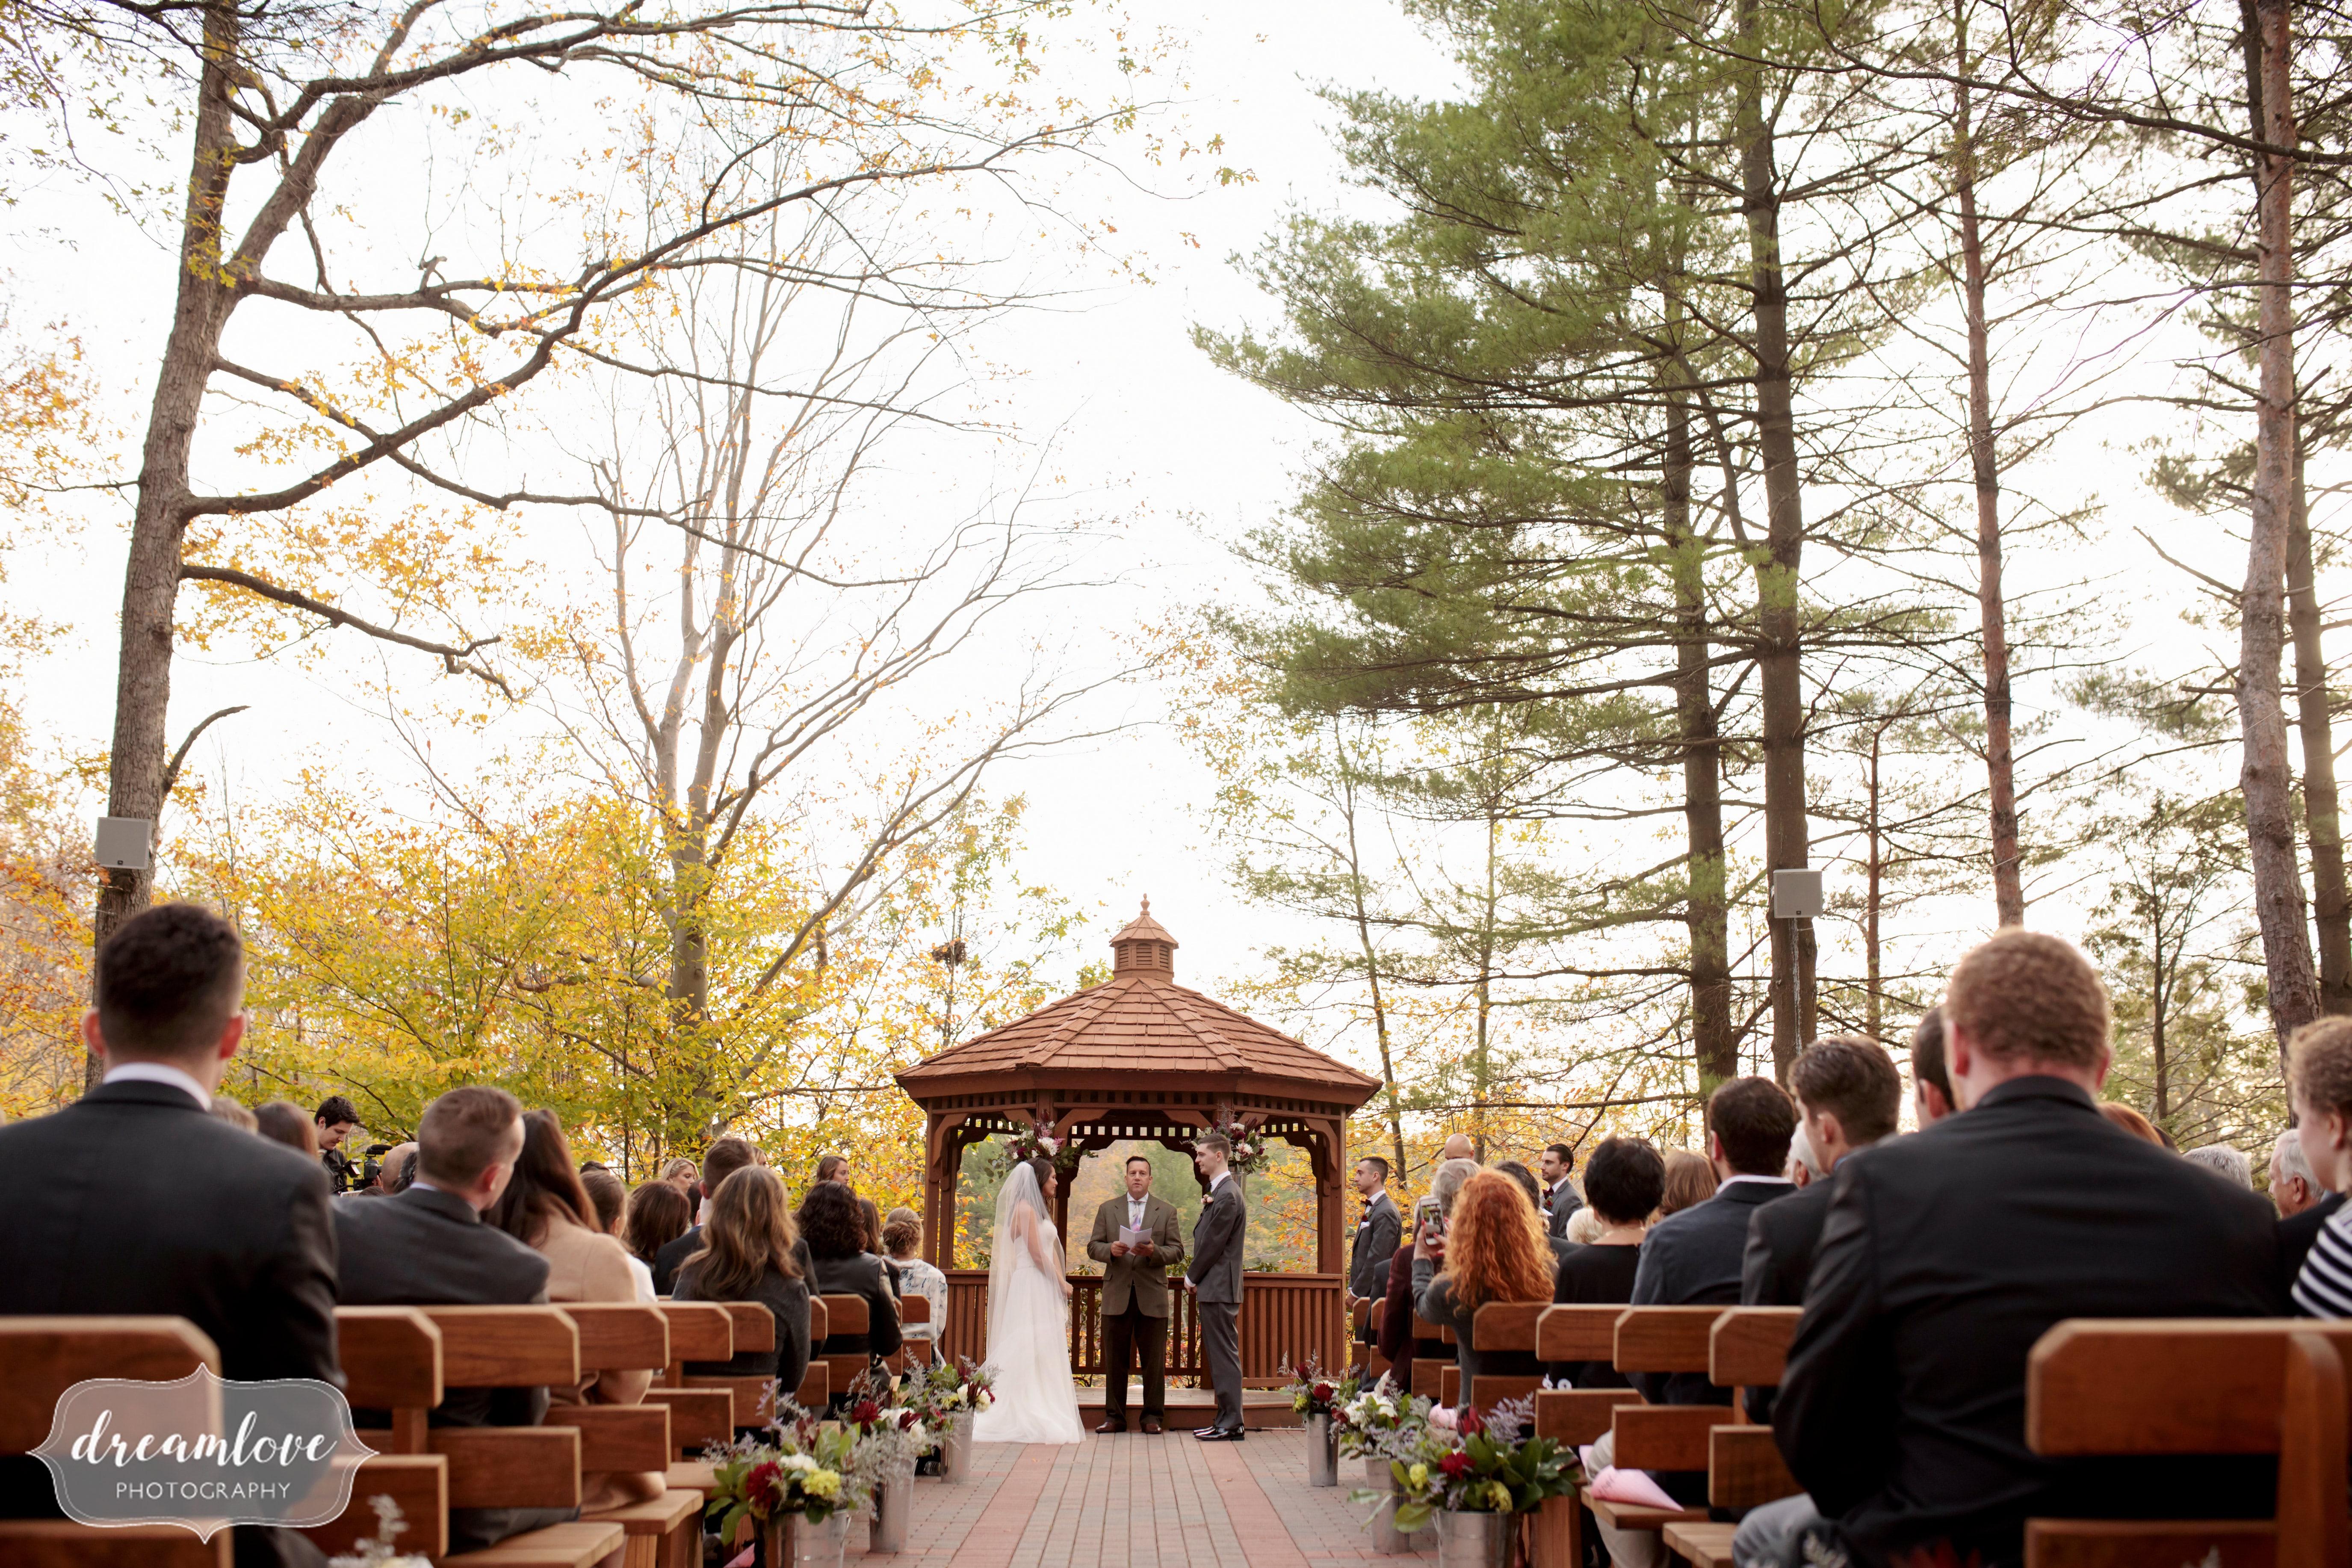 November wedding ceremony outdoors with gazebo at Crystal Lake Pavilion.